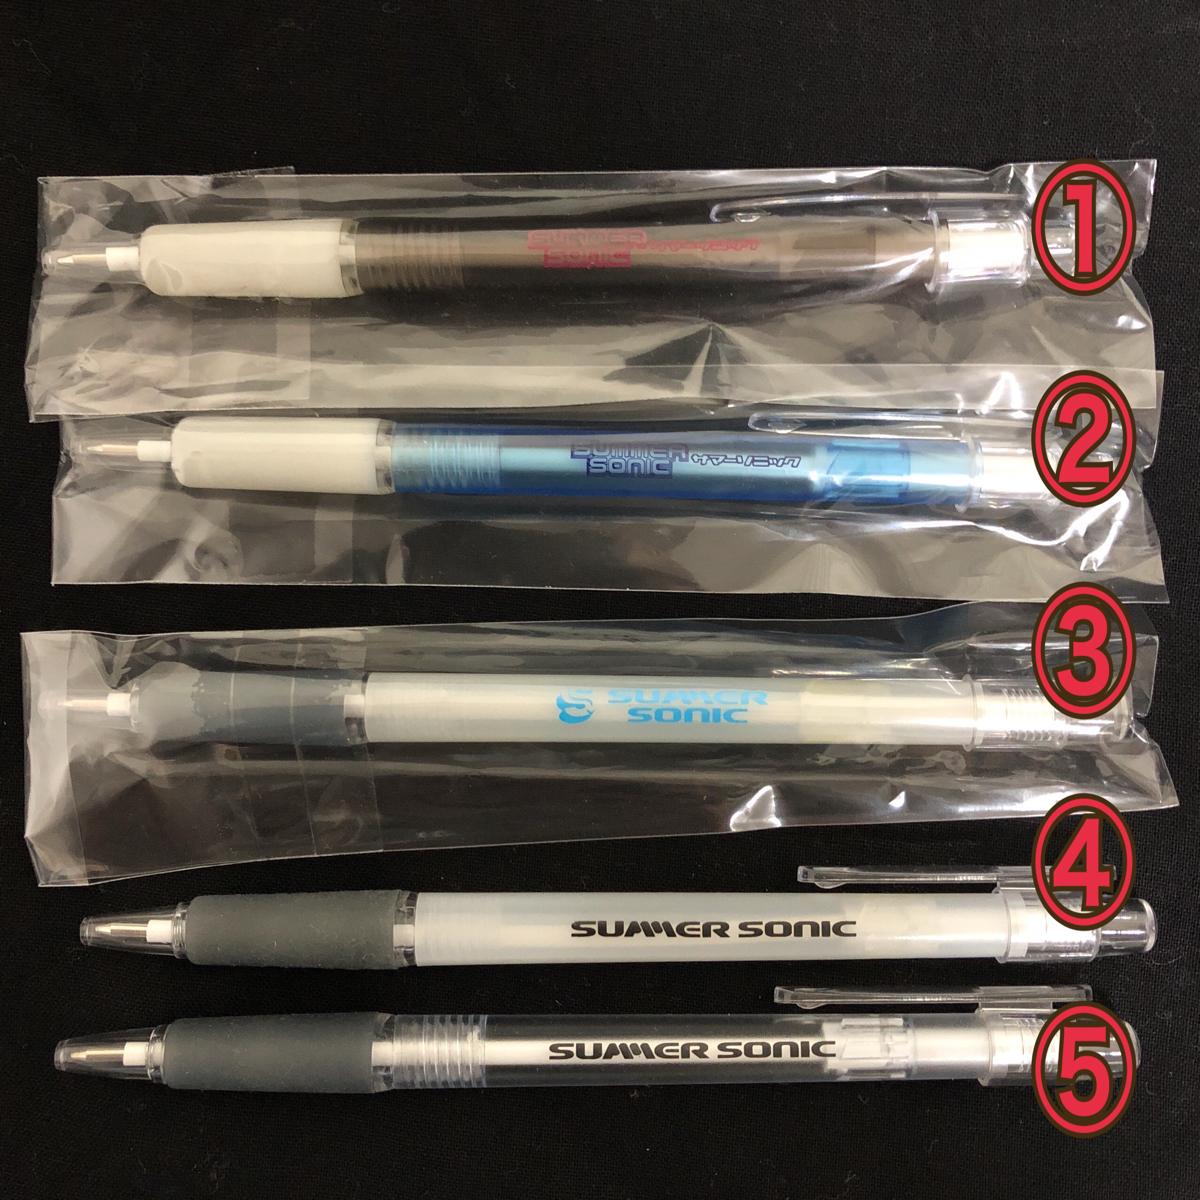 Sunmer Sonic サマソニロゴ入りボールペン 5種51本 非売品 夏フェスグッズ 大量 まとめて